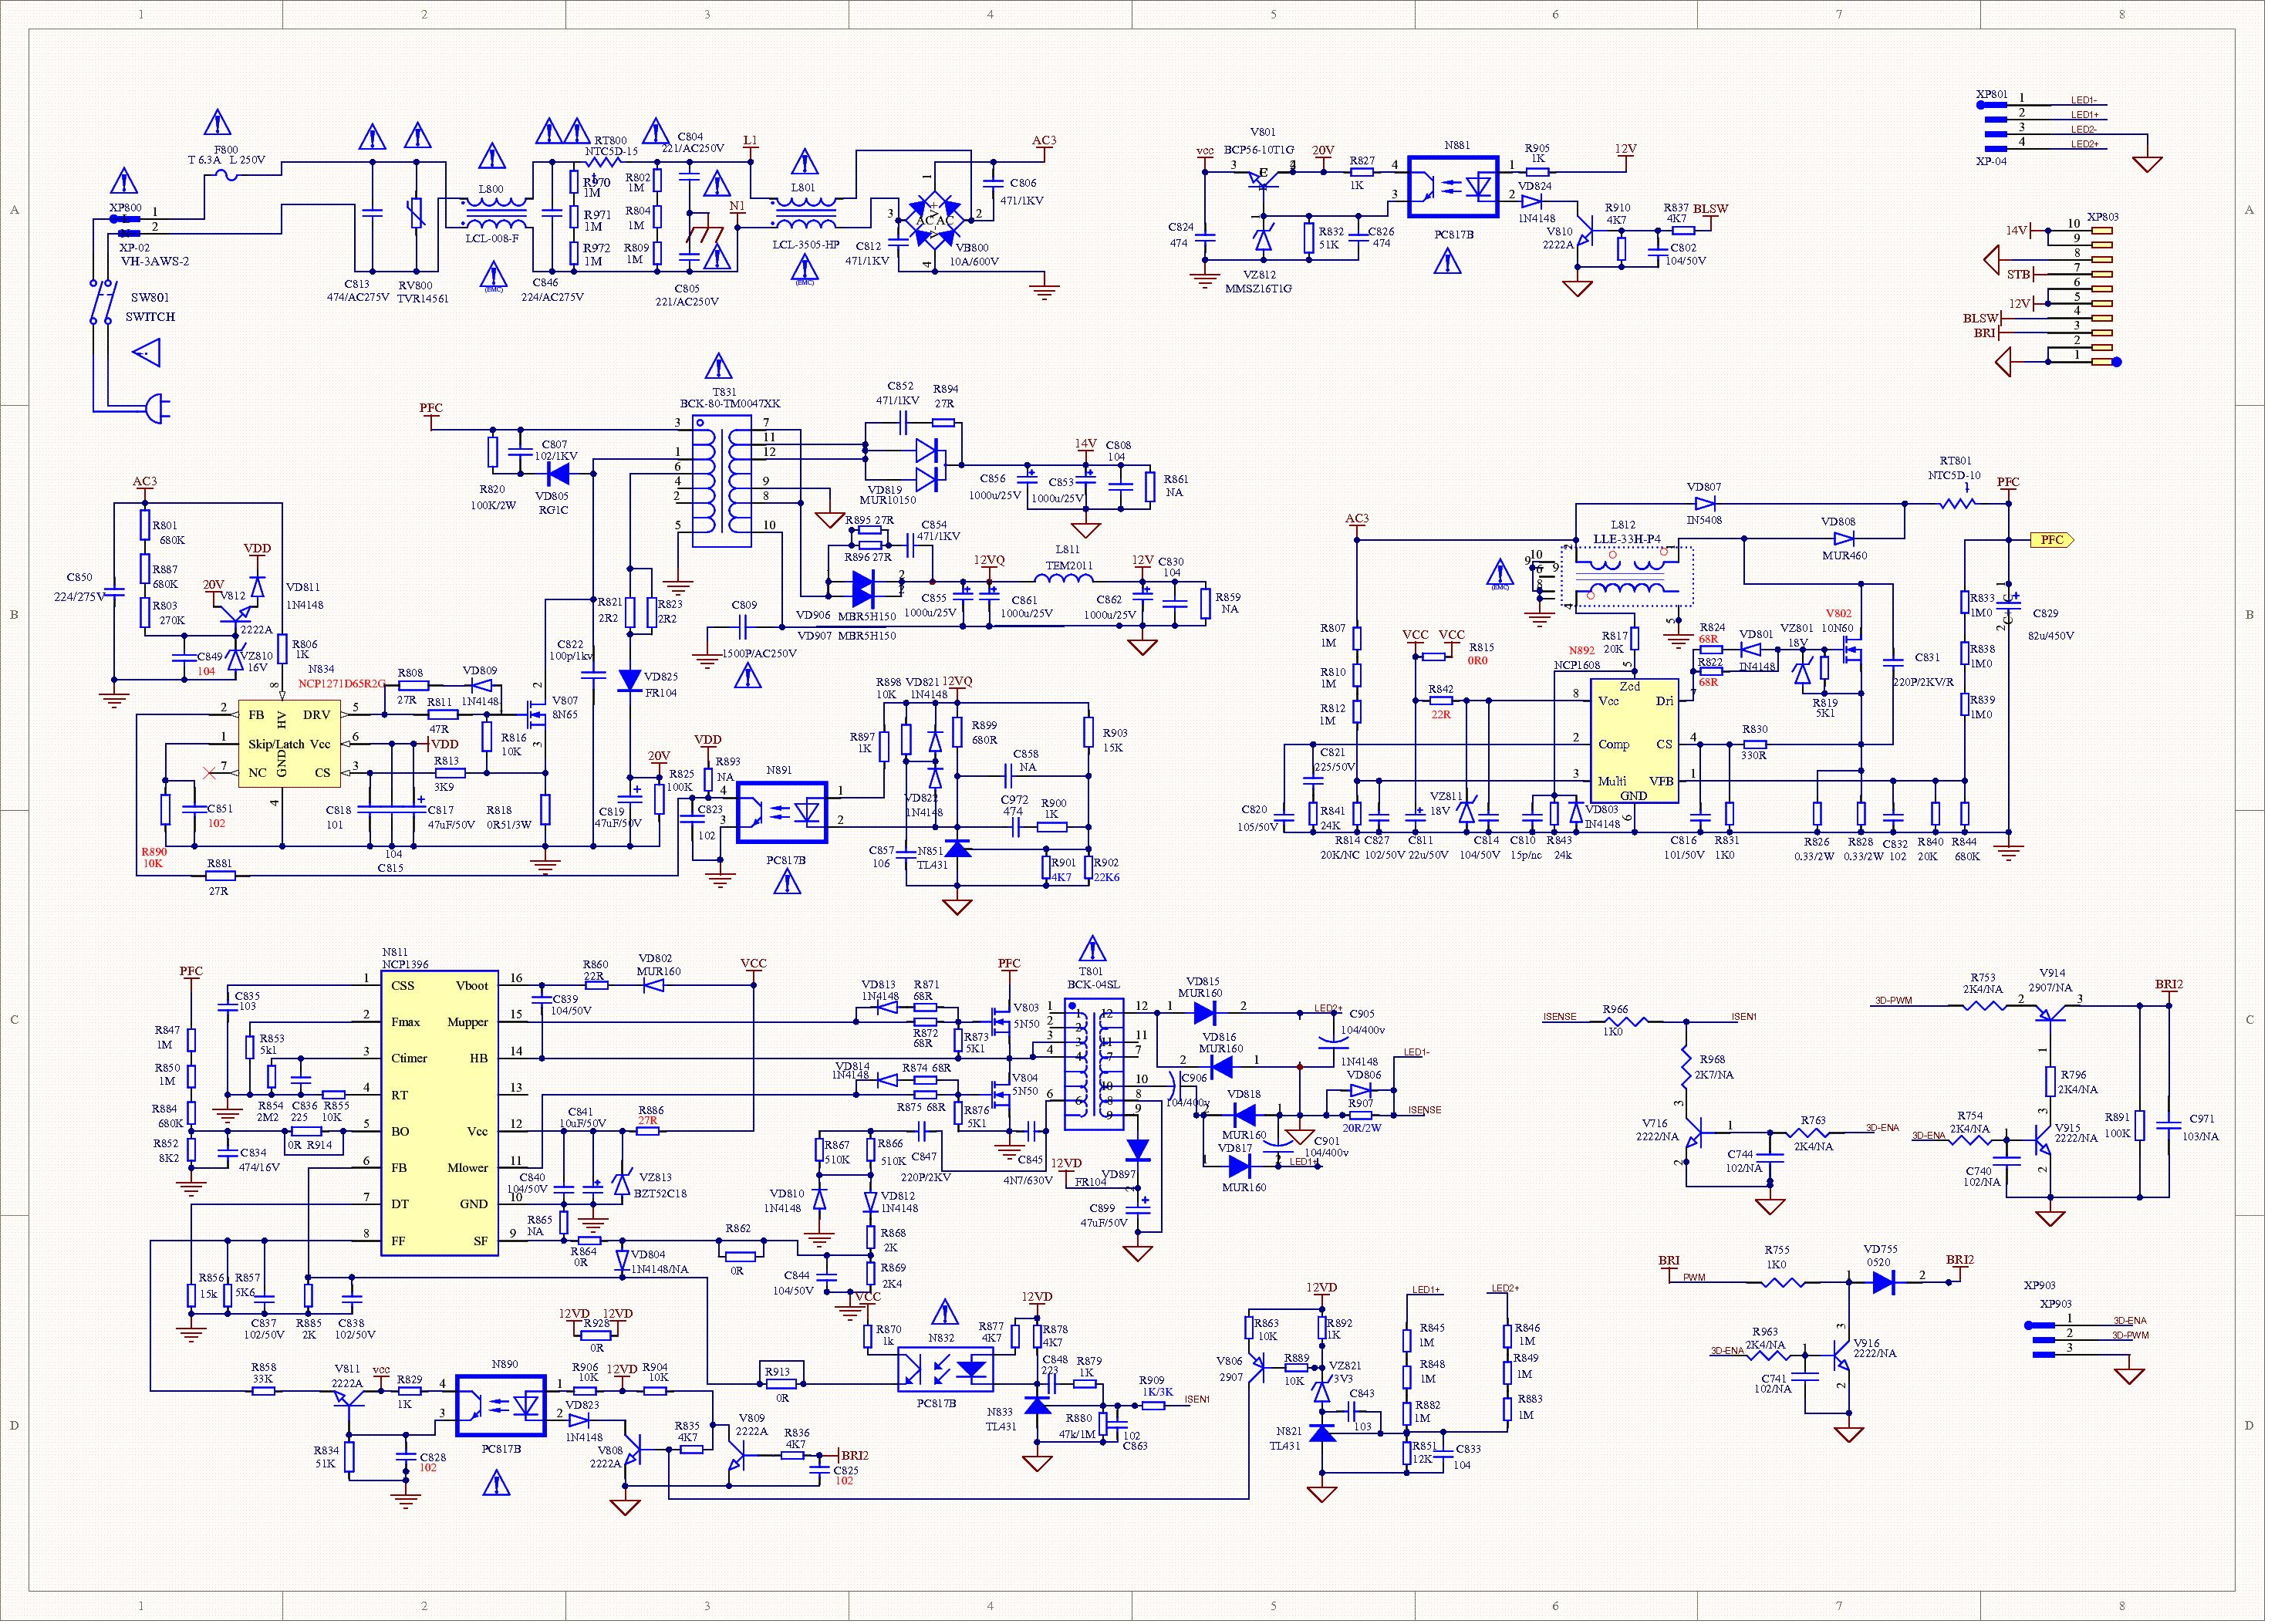 Hisense Rsag7 820 4885 Power Supply Sch Service Manual Download  Schematics  Eeprom  Repair Info